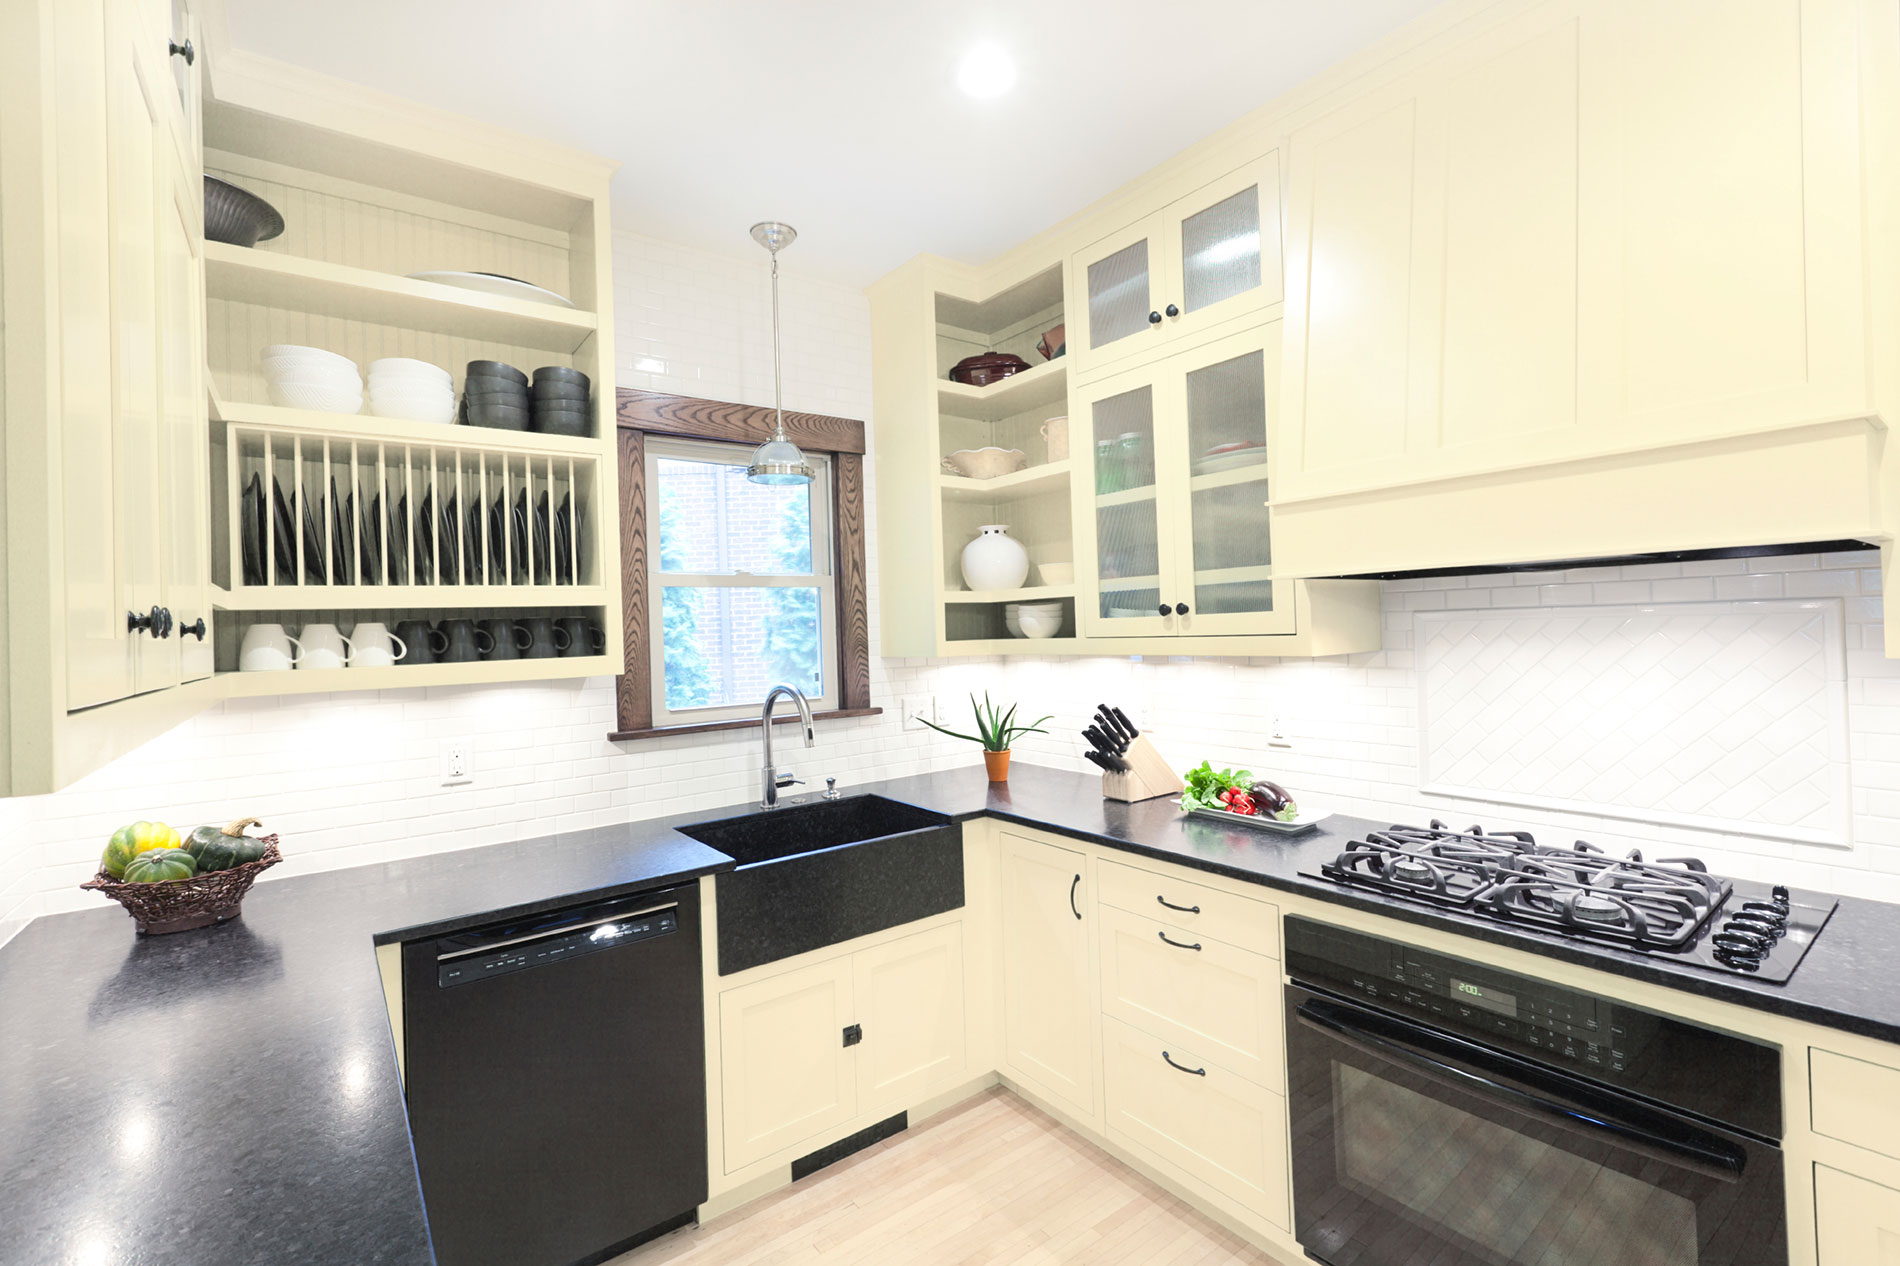 Hohe Küchenschränke schaffen Stauraum